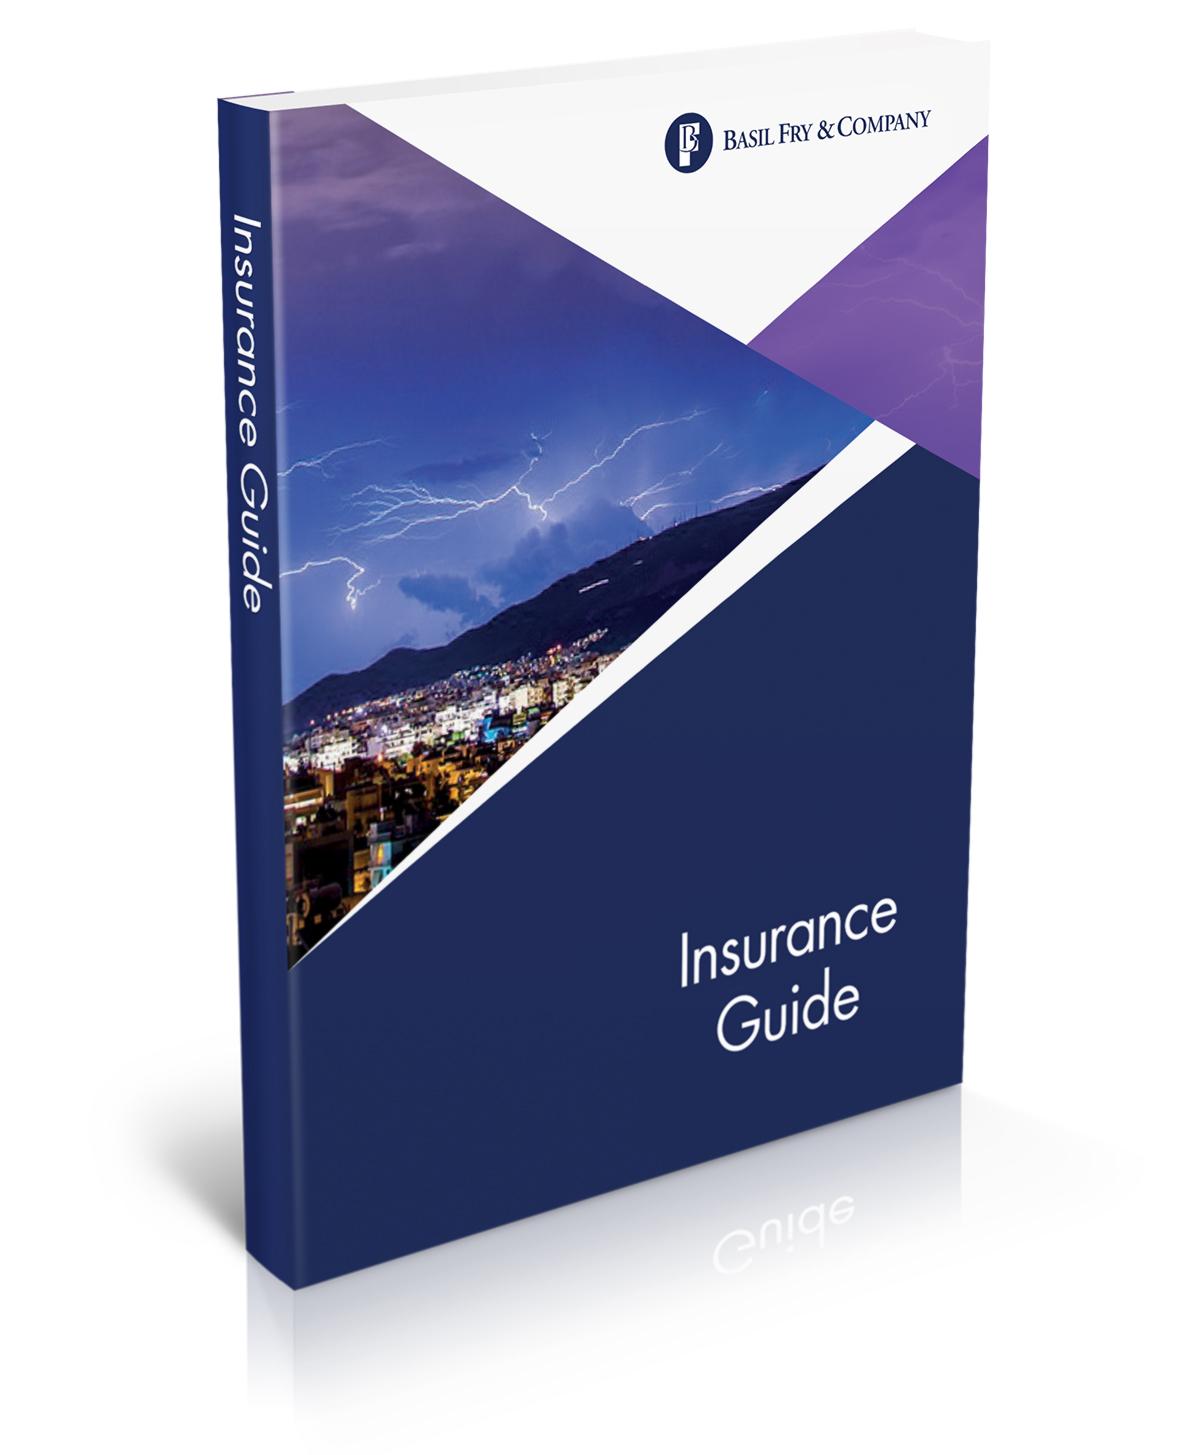 Basil Fry Insurance Guide